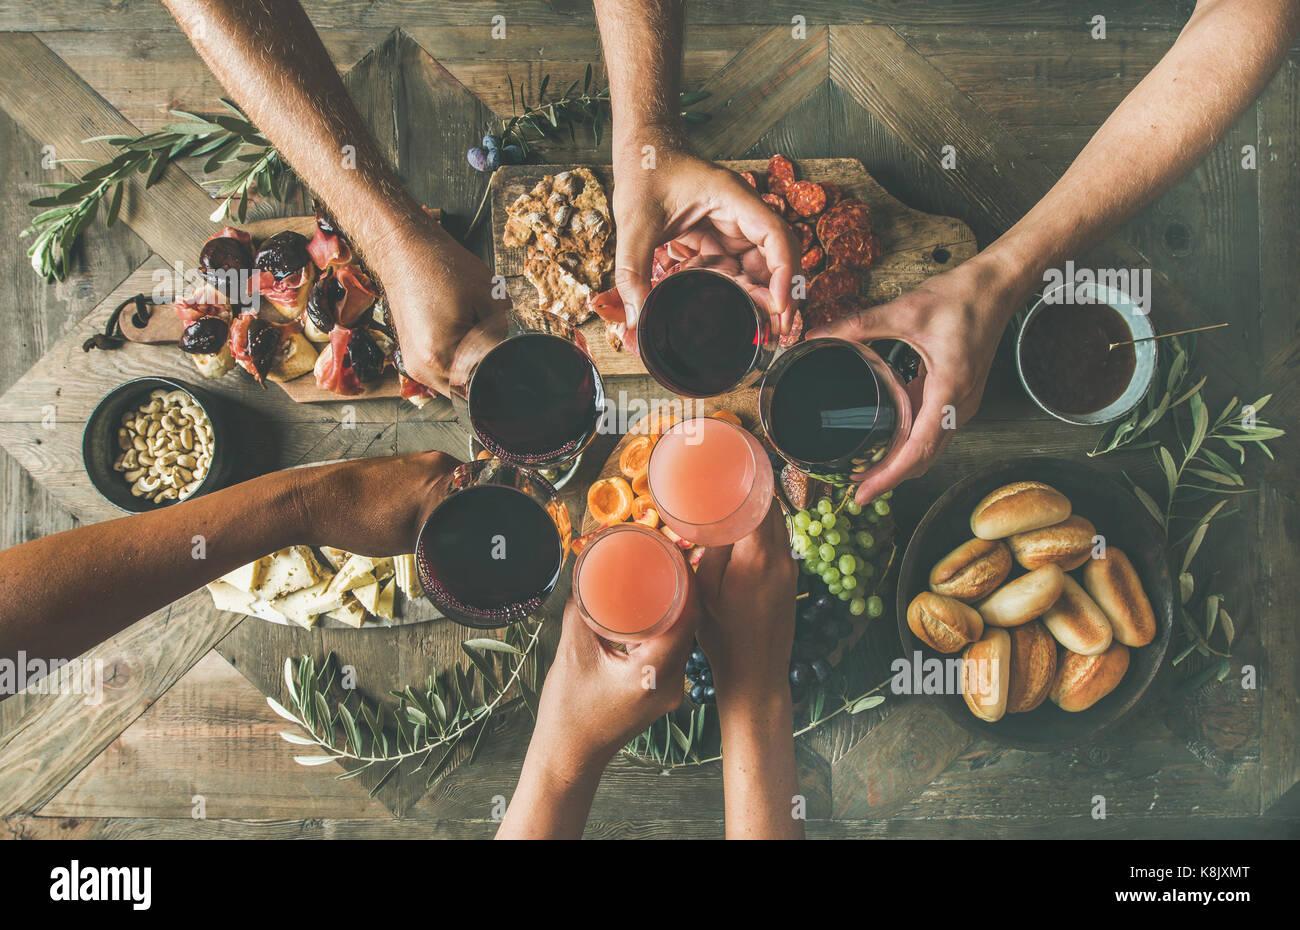 Plano de laicos amigos comiendo y bebiendo juntos, vista superior Imagen De Stock